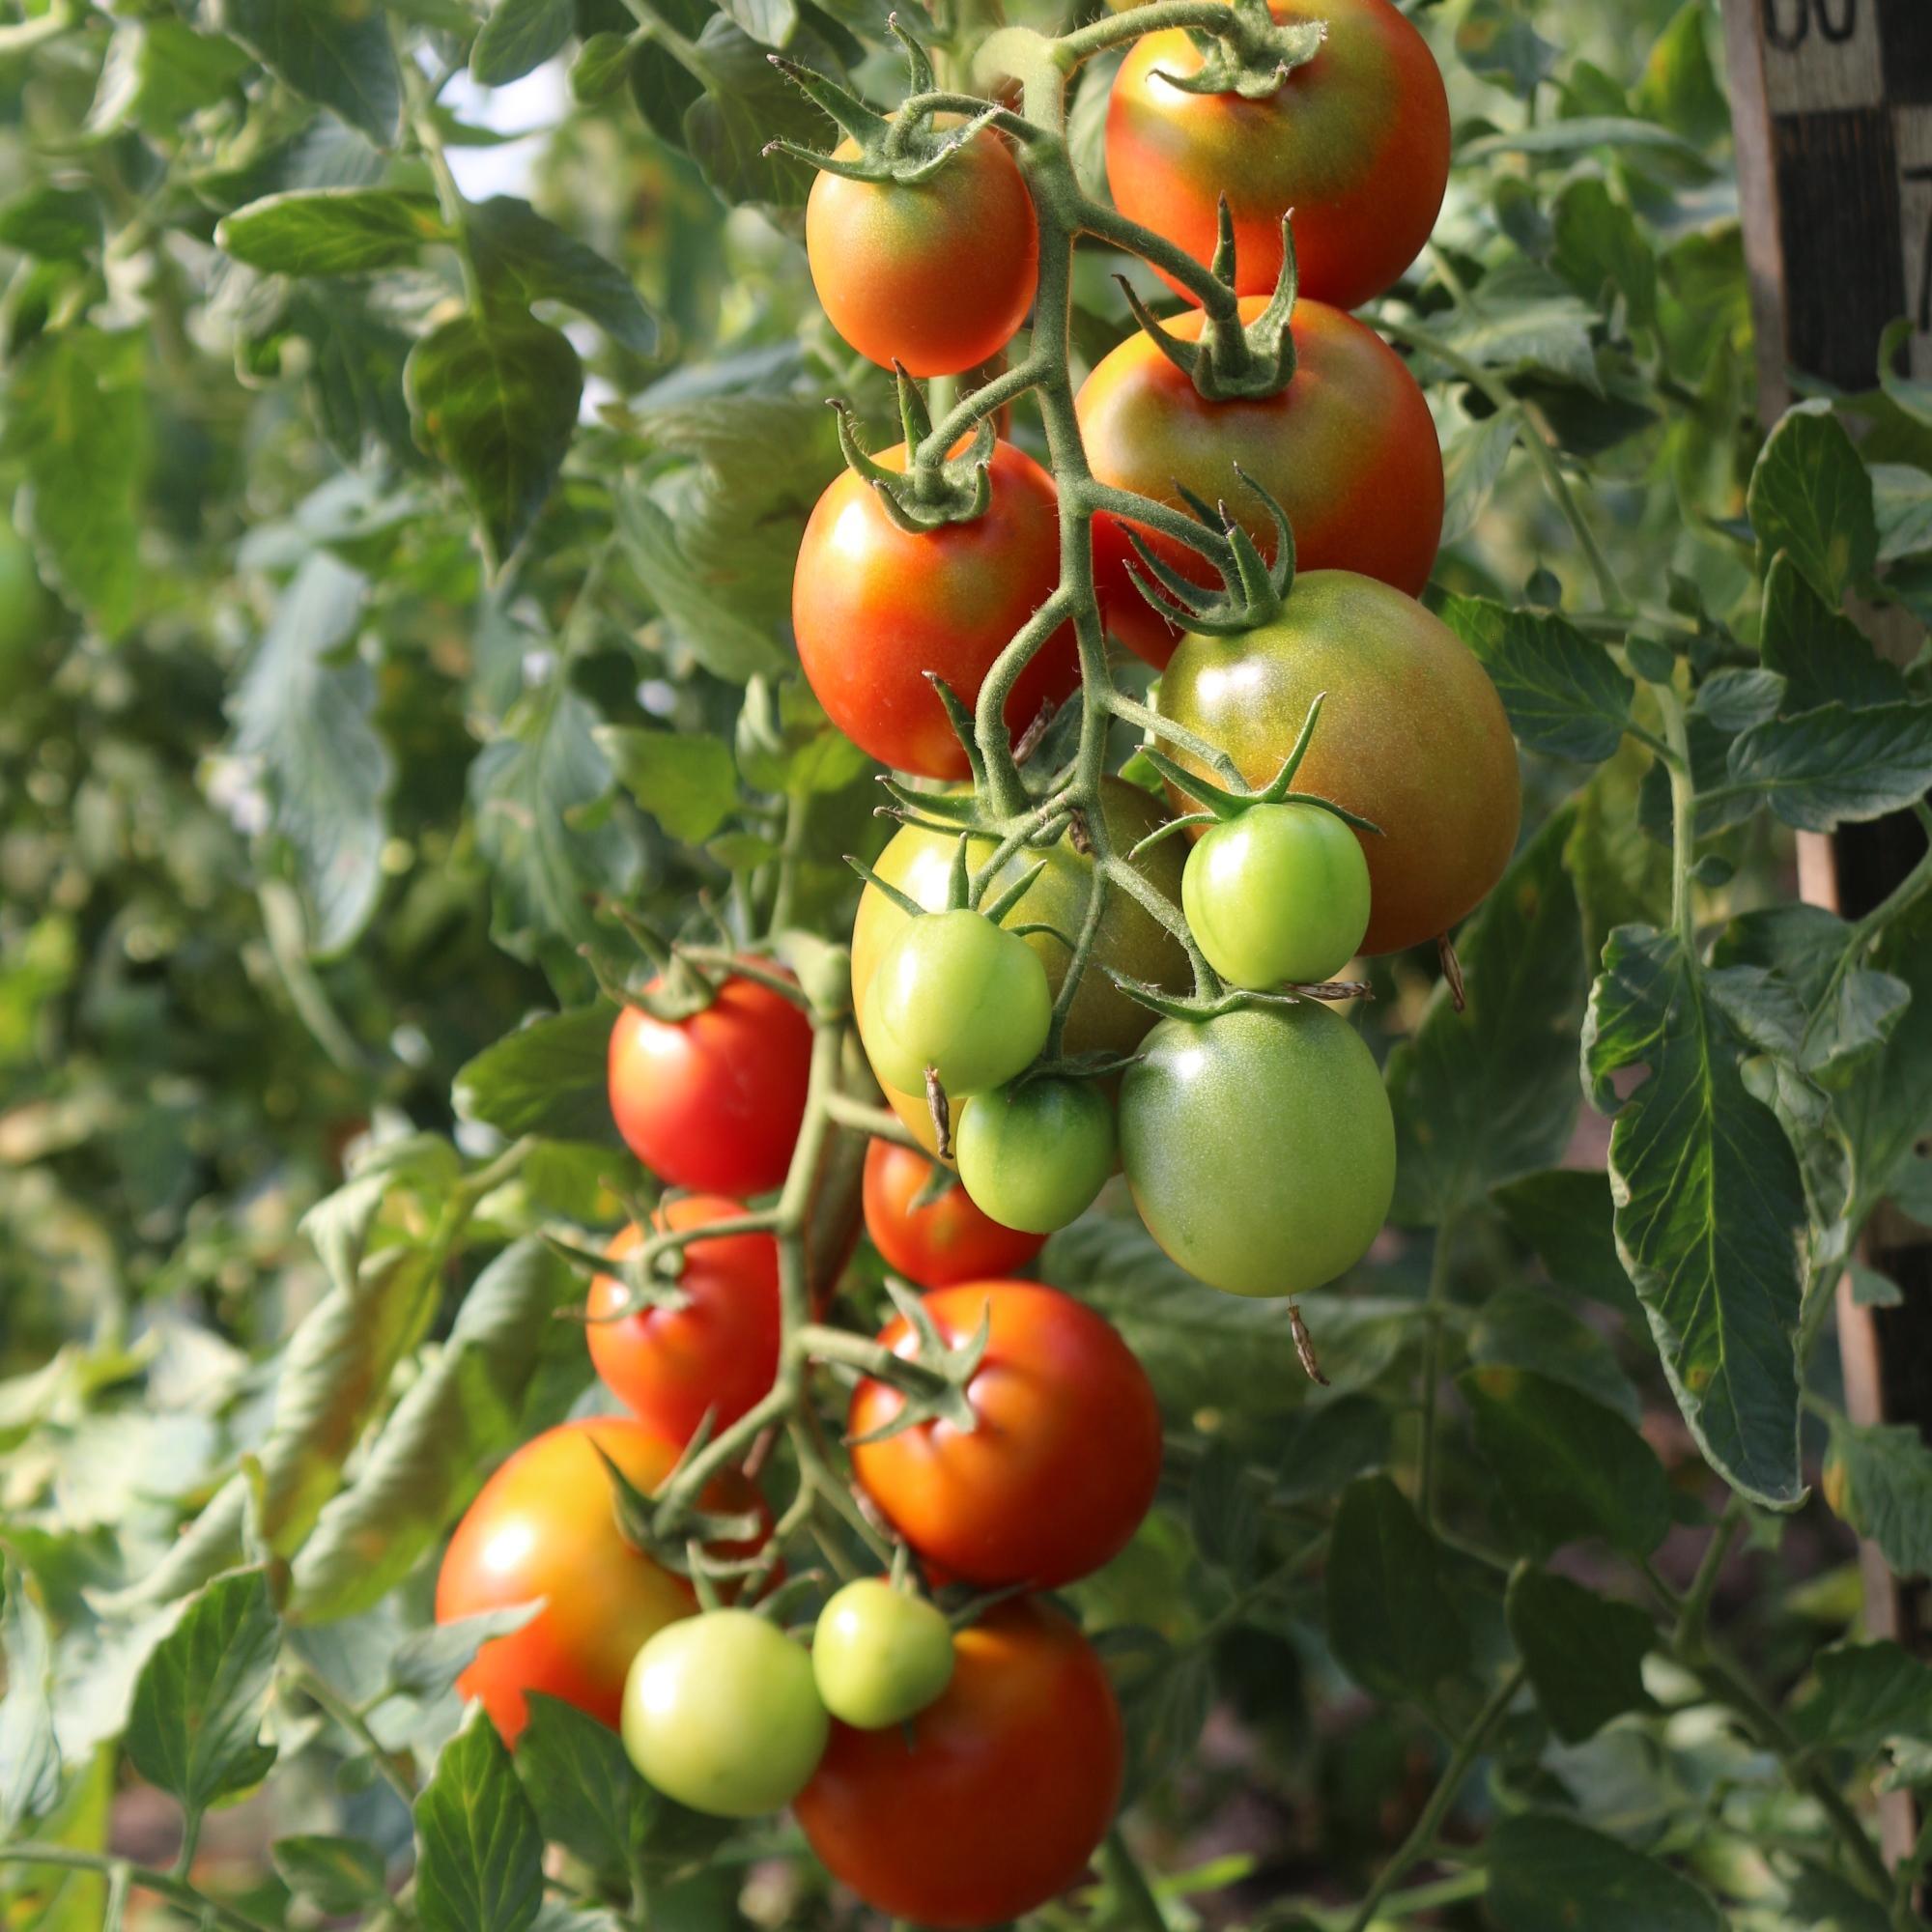 томат цитрина отзывы фото самого